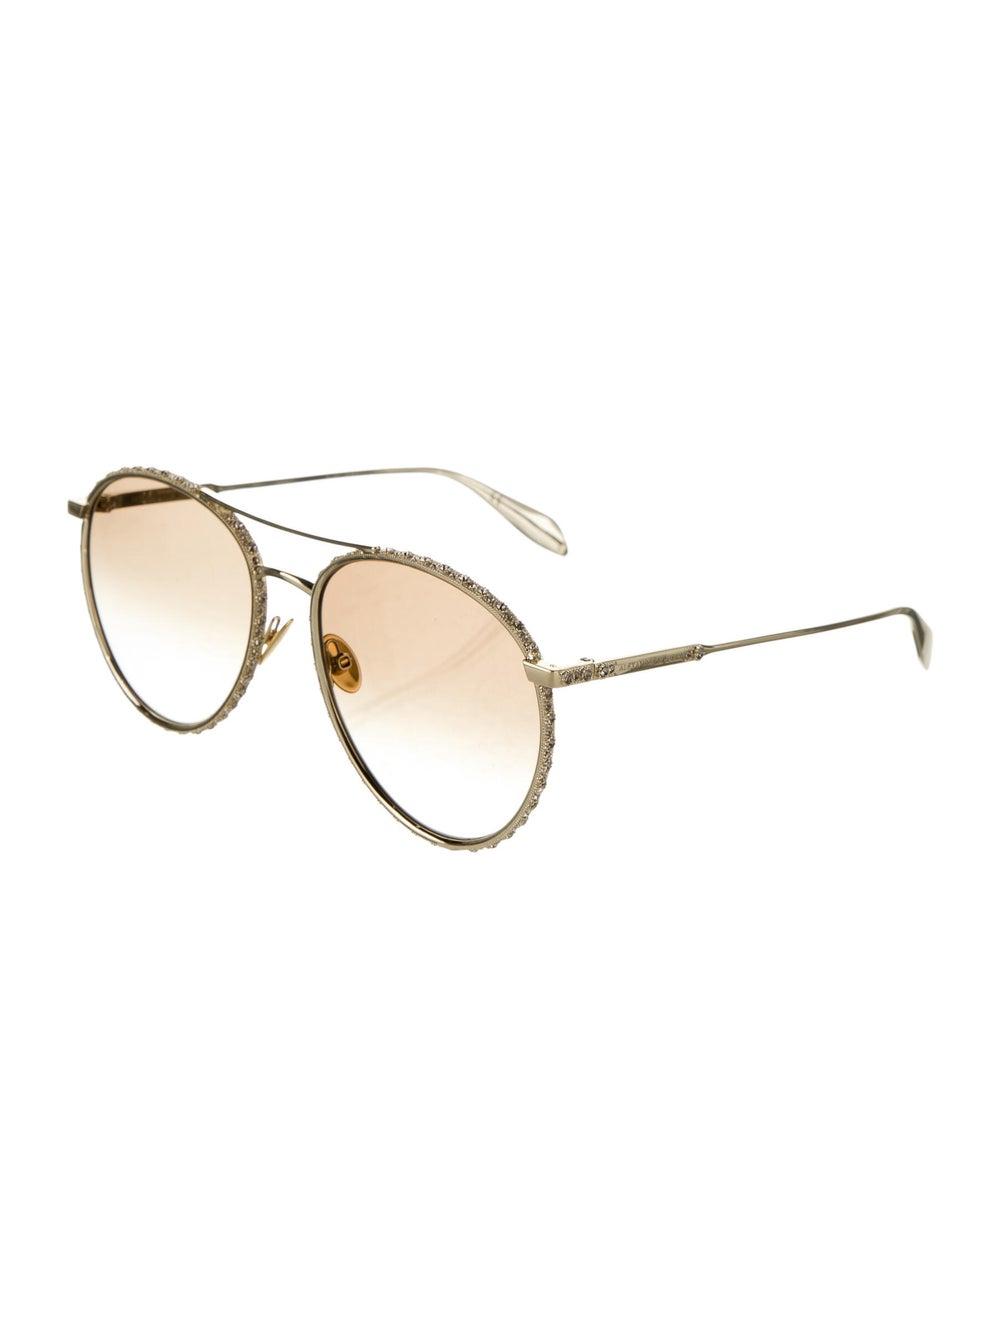 Alexander McQueen Aviator Gradient Sunglasses Gold - image 2